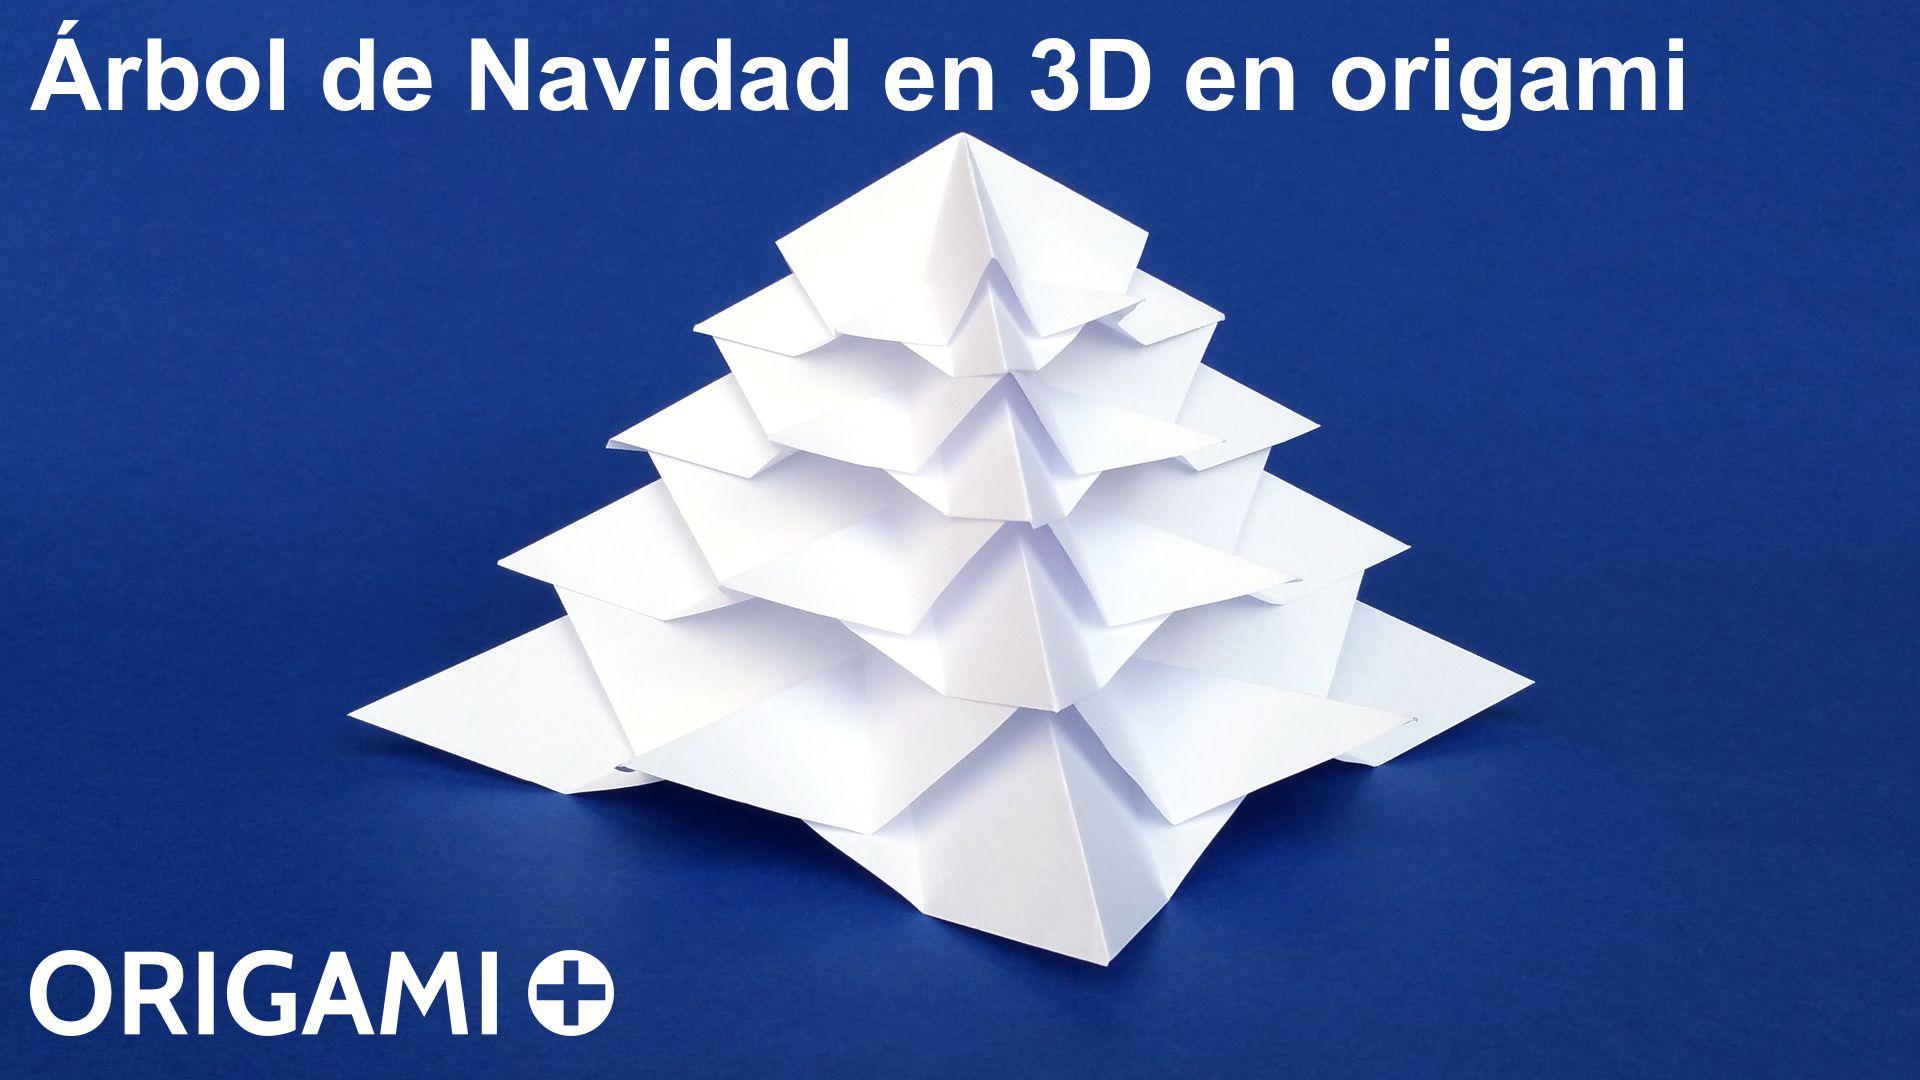 Rbol de navidad en 3d en origami - Arbol de navidad origami ...